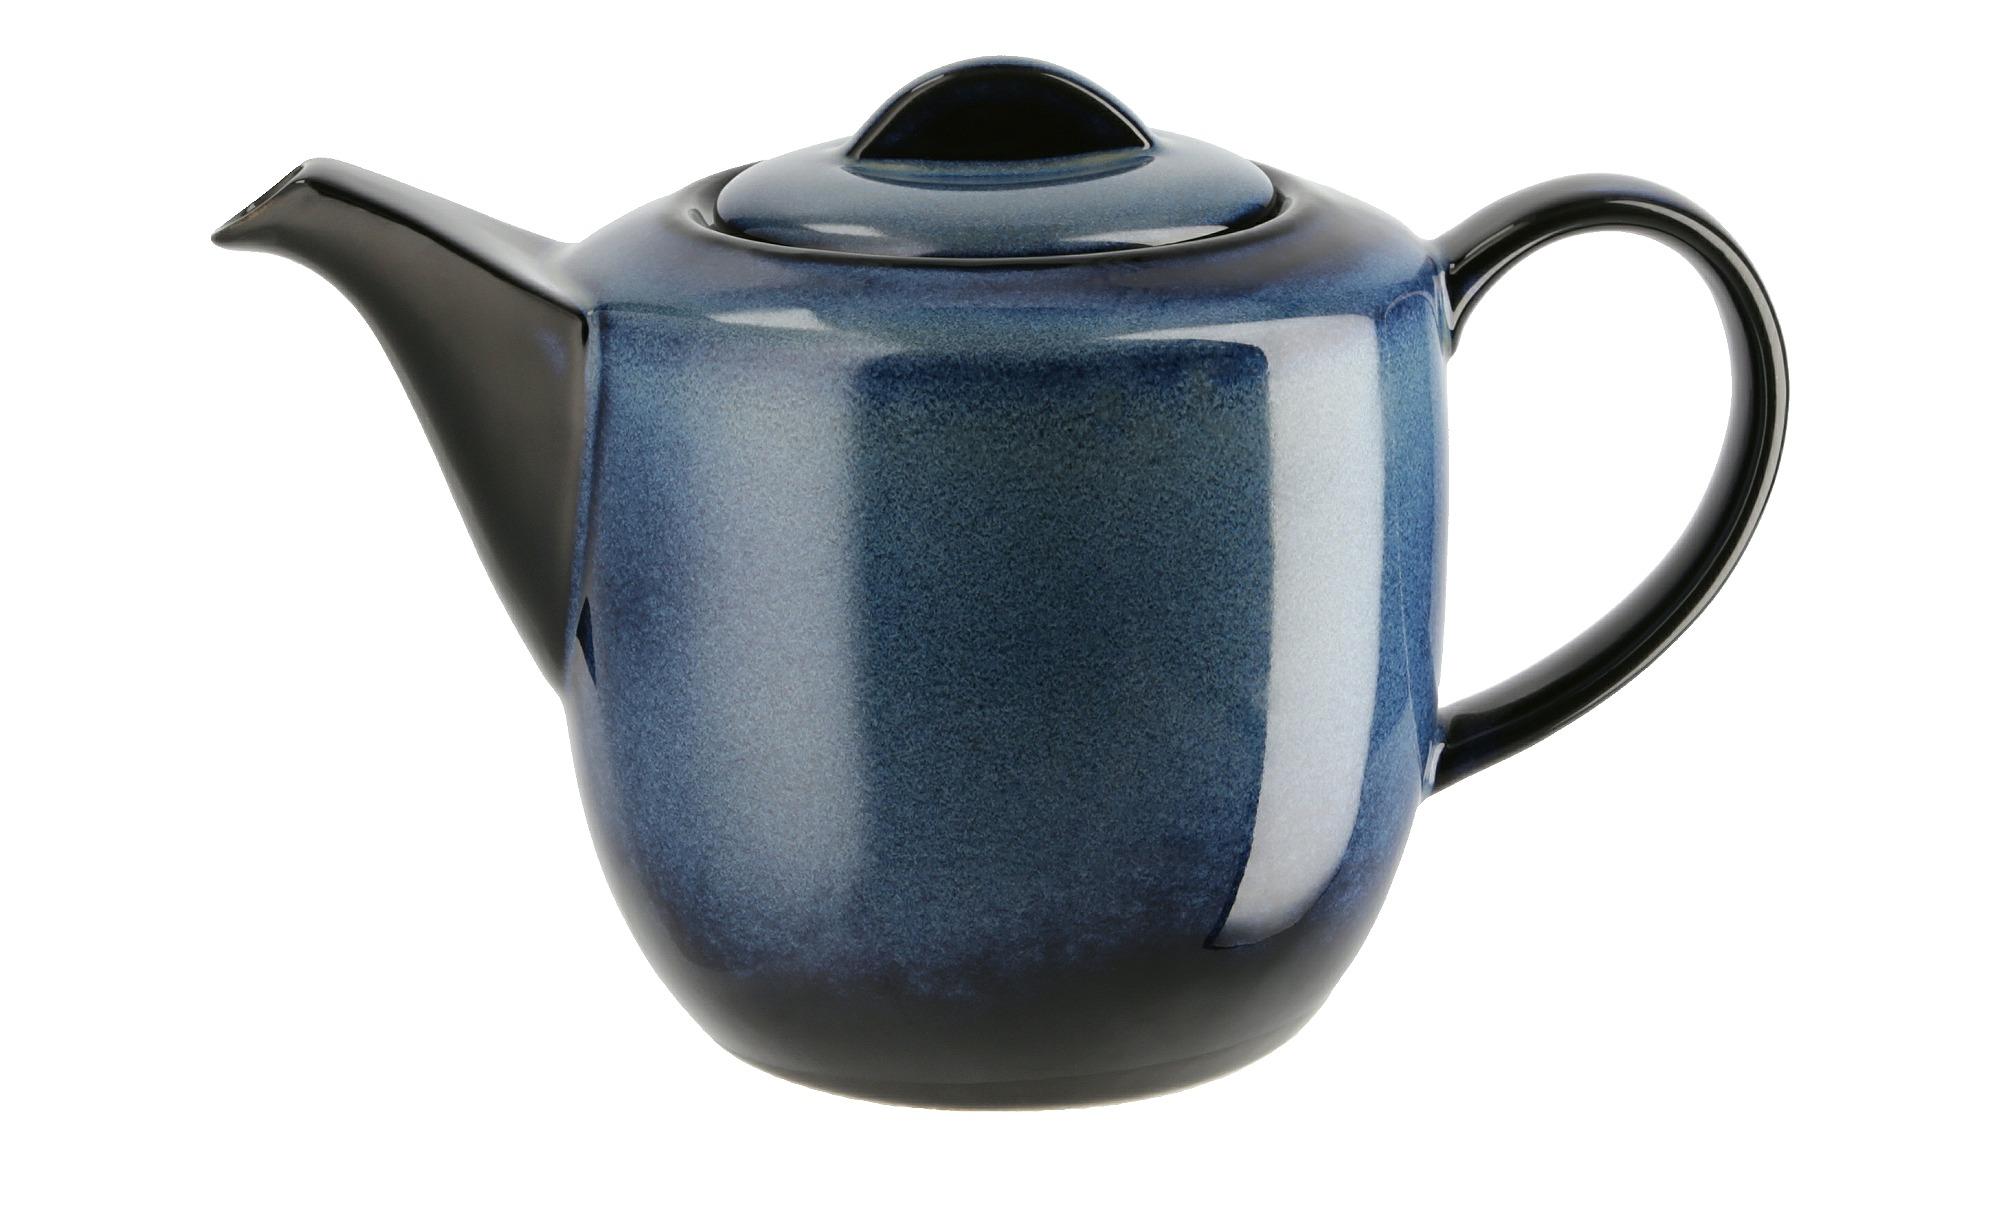 Peill+Putzler Teekanne  Azuro - blau - Porzellan - 12,4 cm - 13,5 cm - Kaffee & Tee > Teekannen - Möbel Kraft | Küche und Esszimmer > Kaffee und Tee > Teekocher | Peill+Putzler